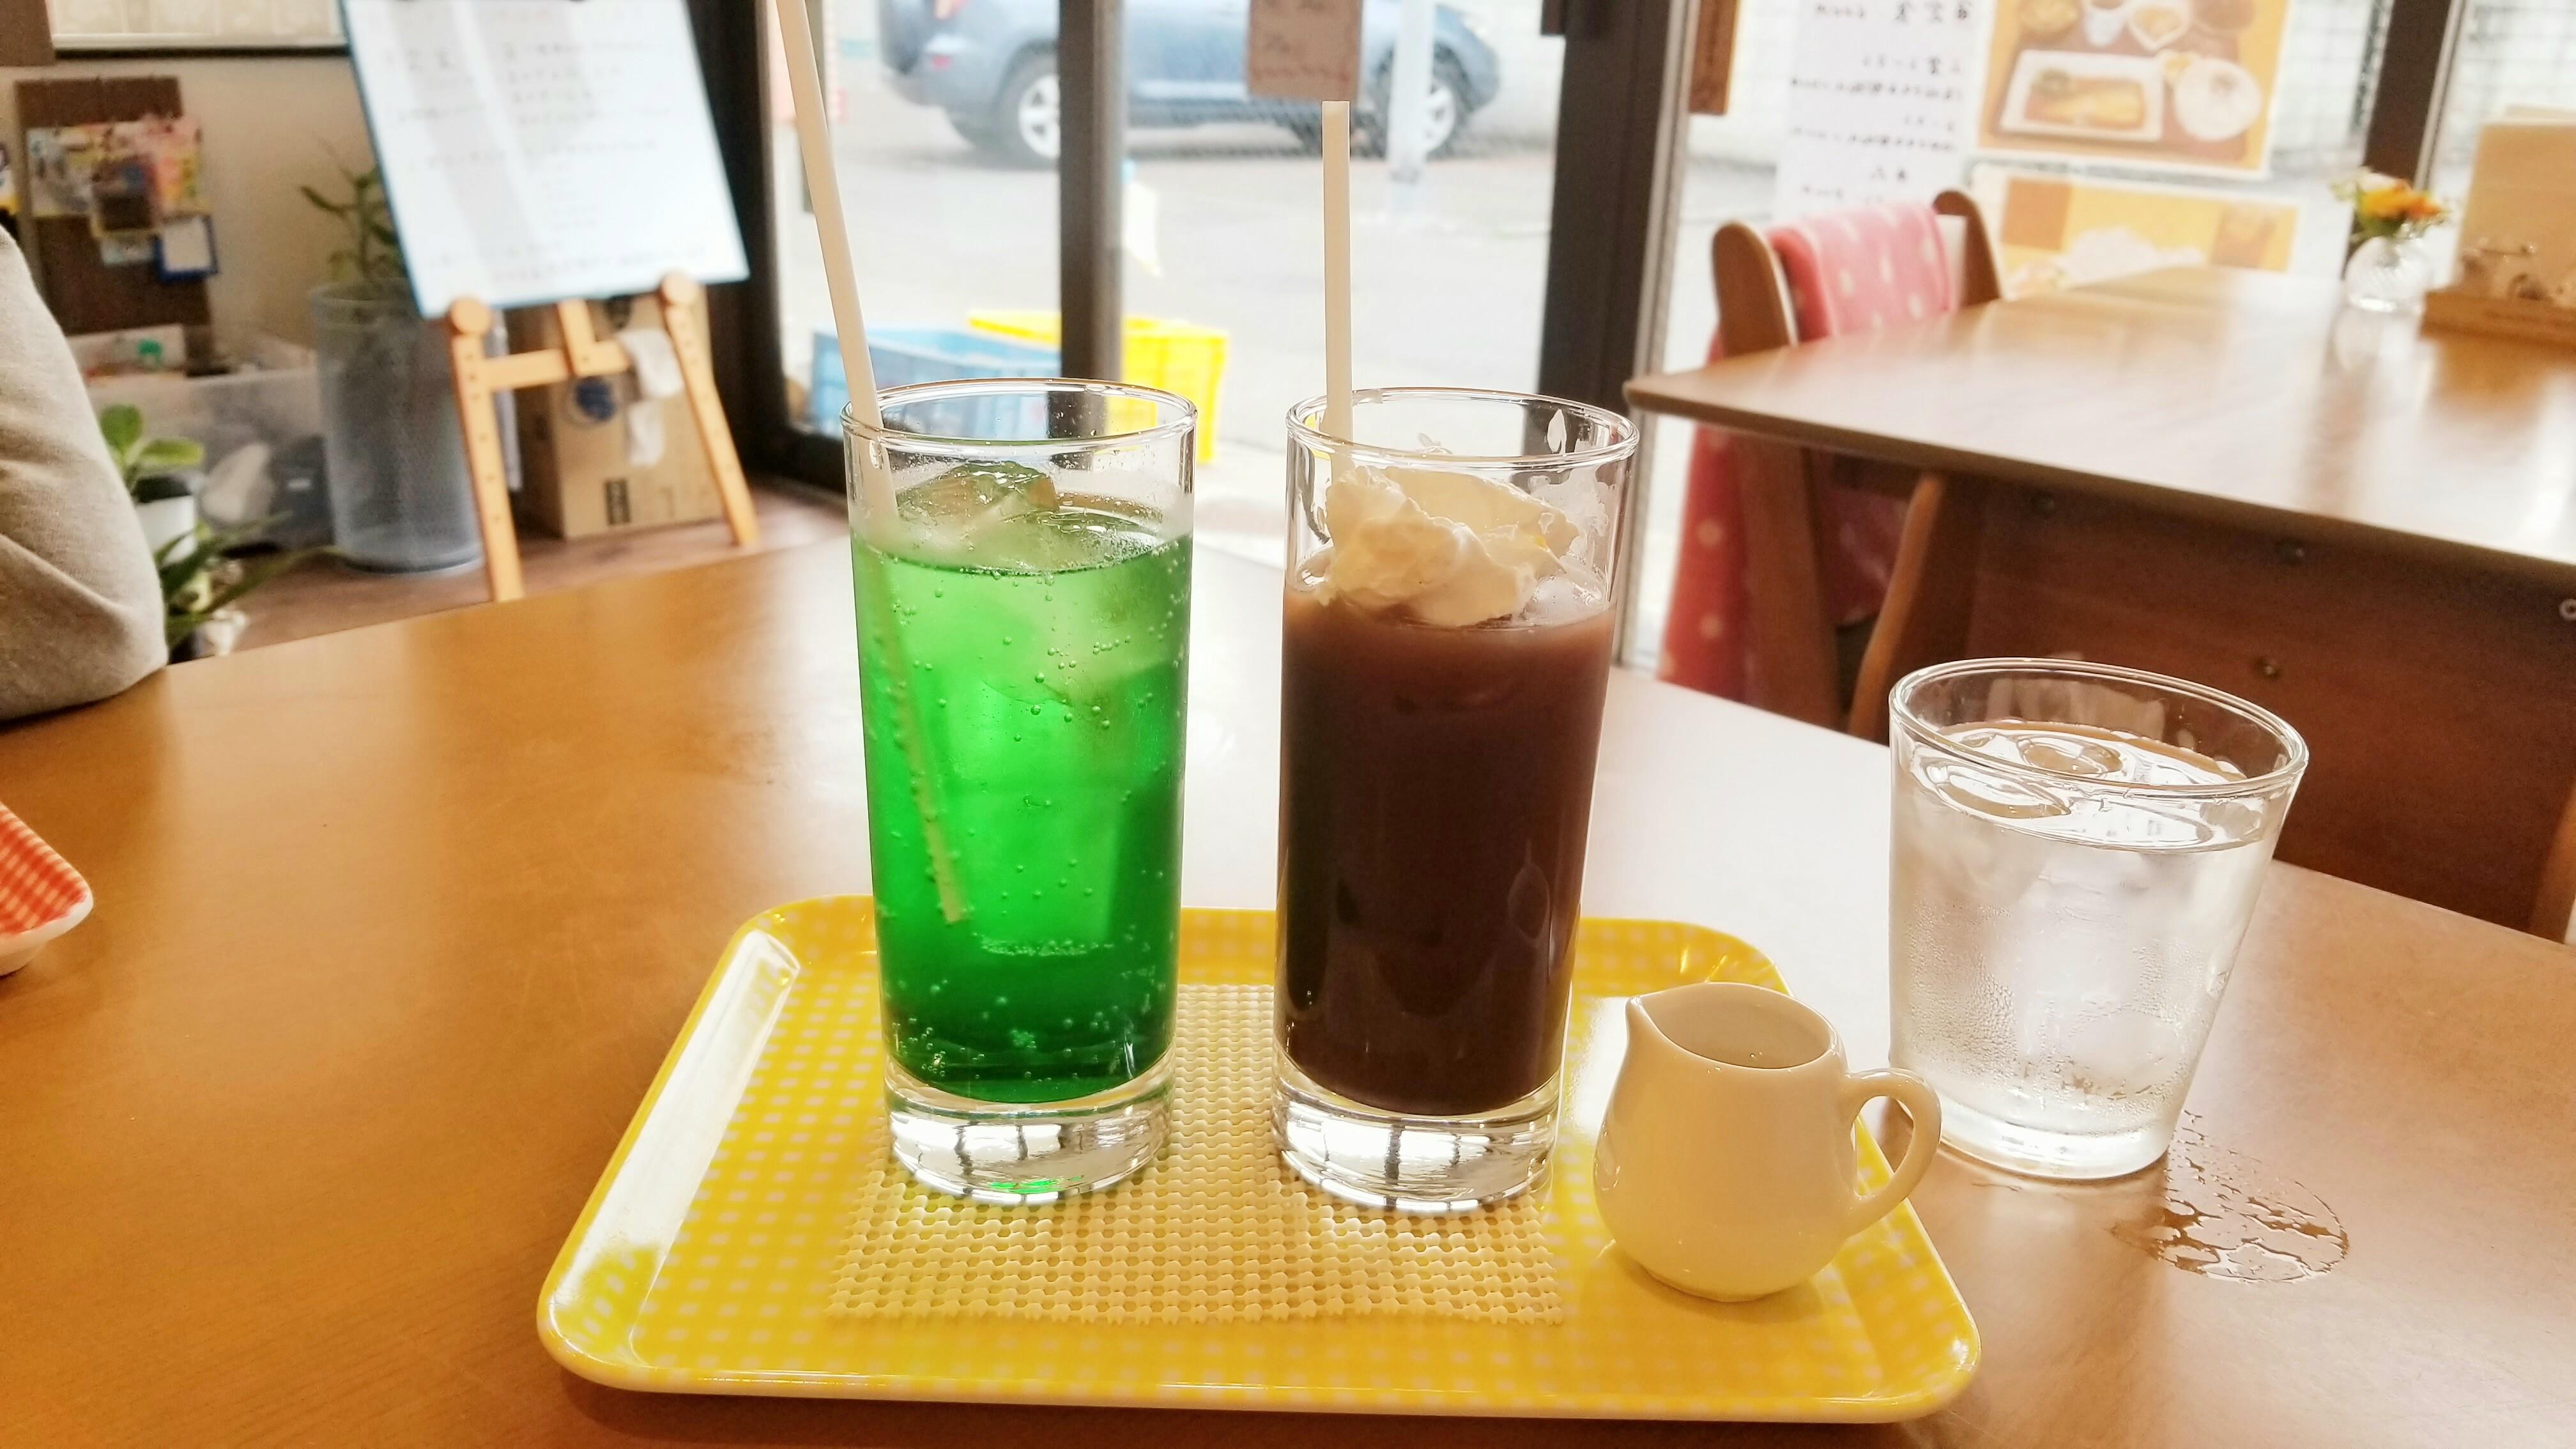 食後のドリンク付安いおいしいカフェランチおすすめグルメ人気ブログ